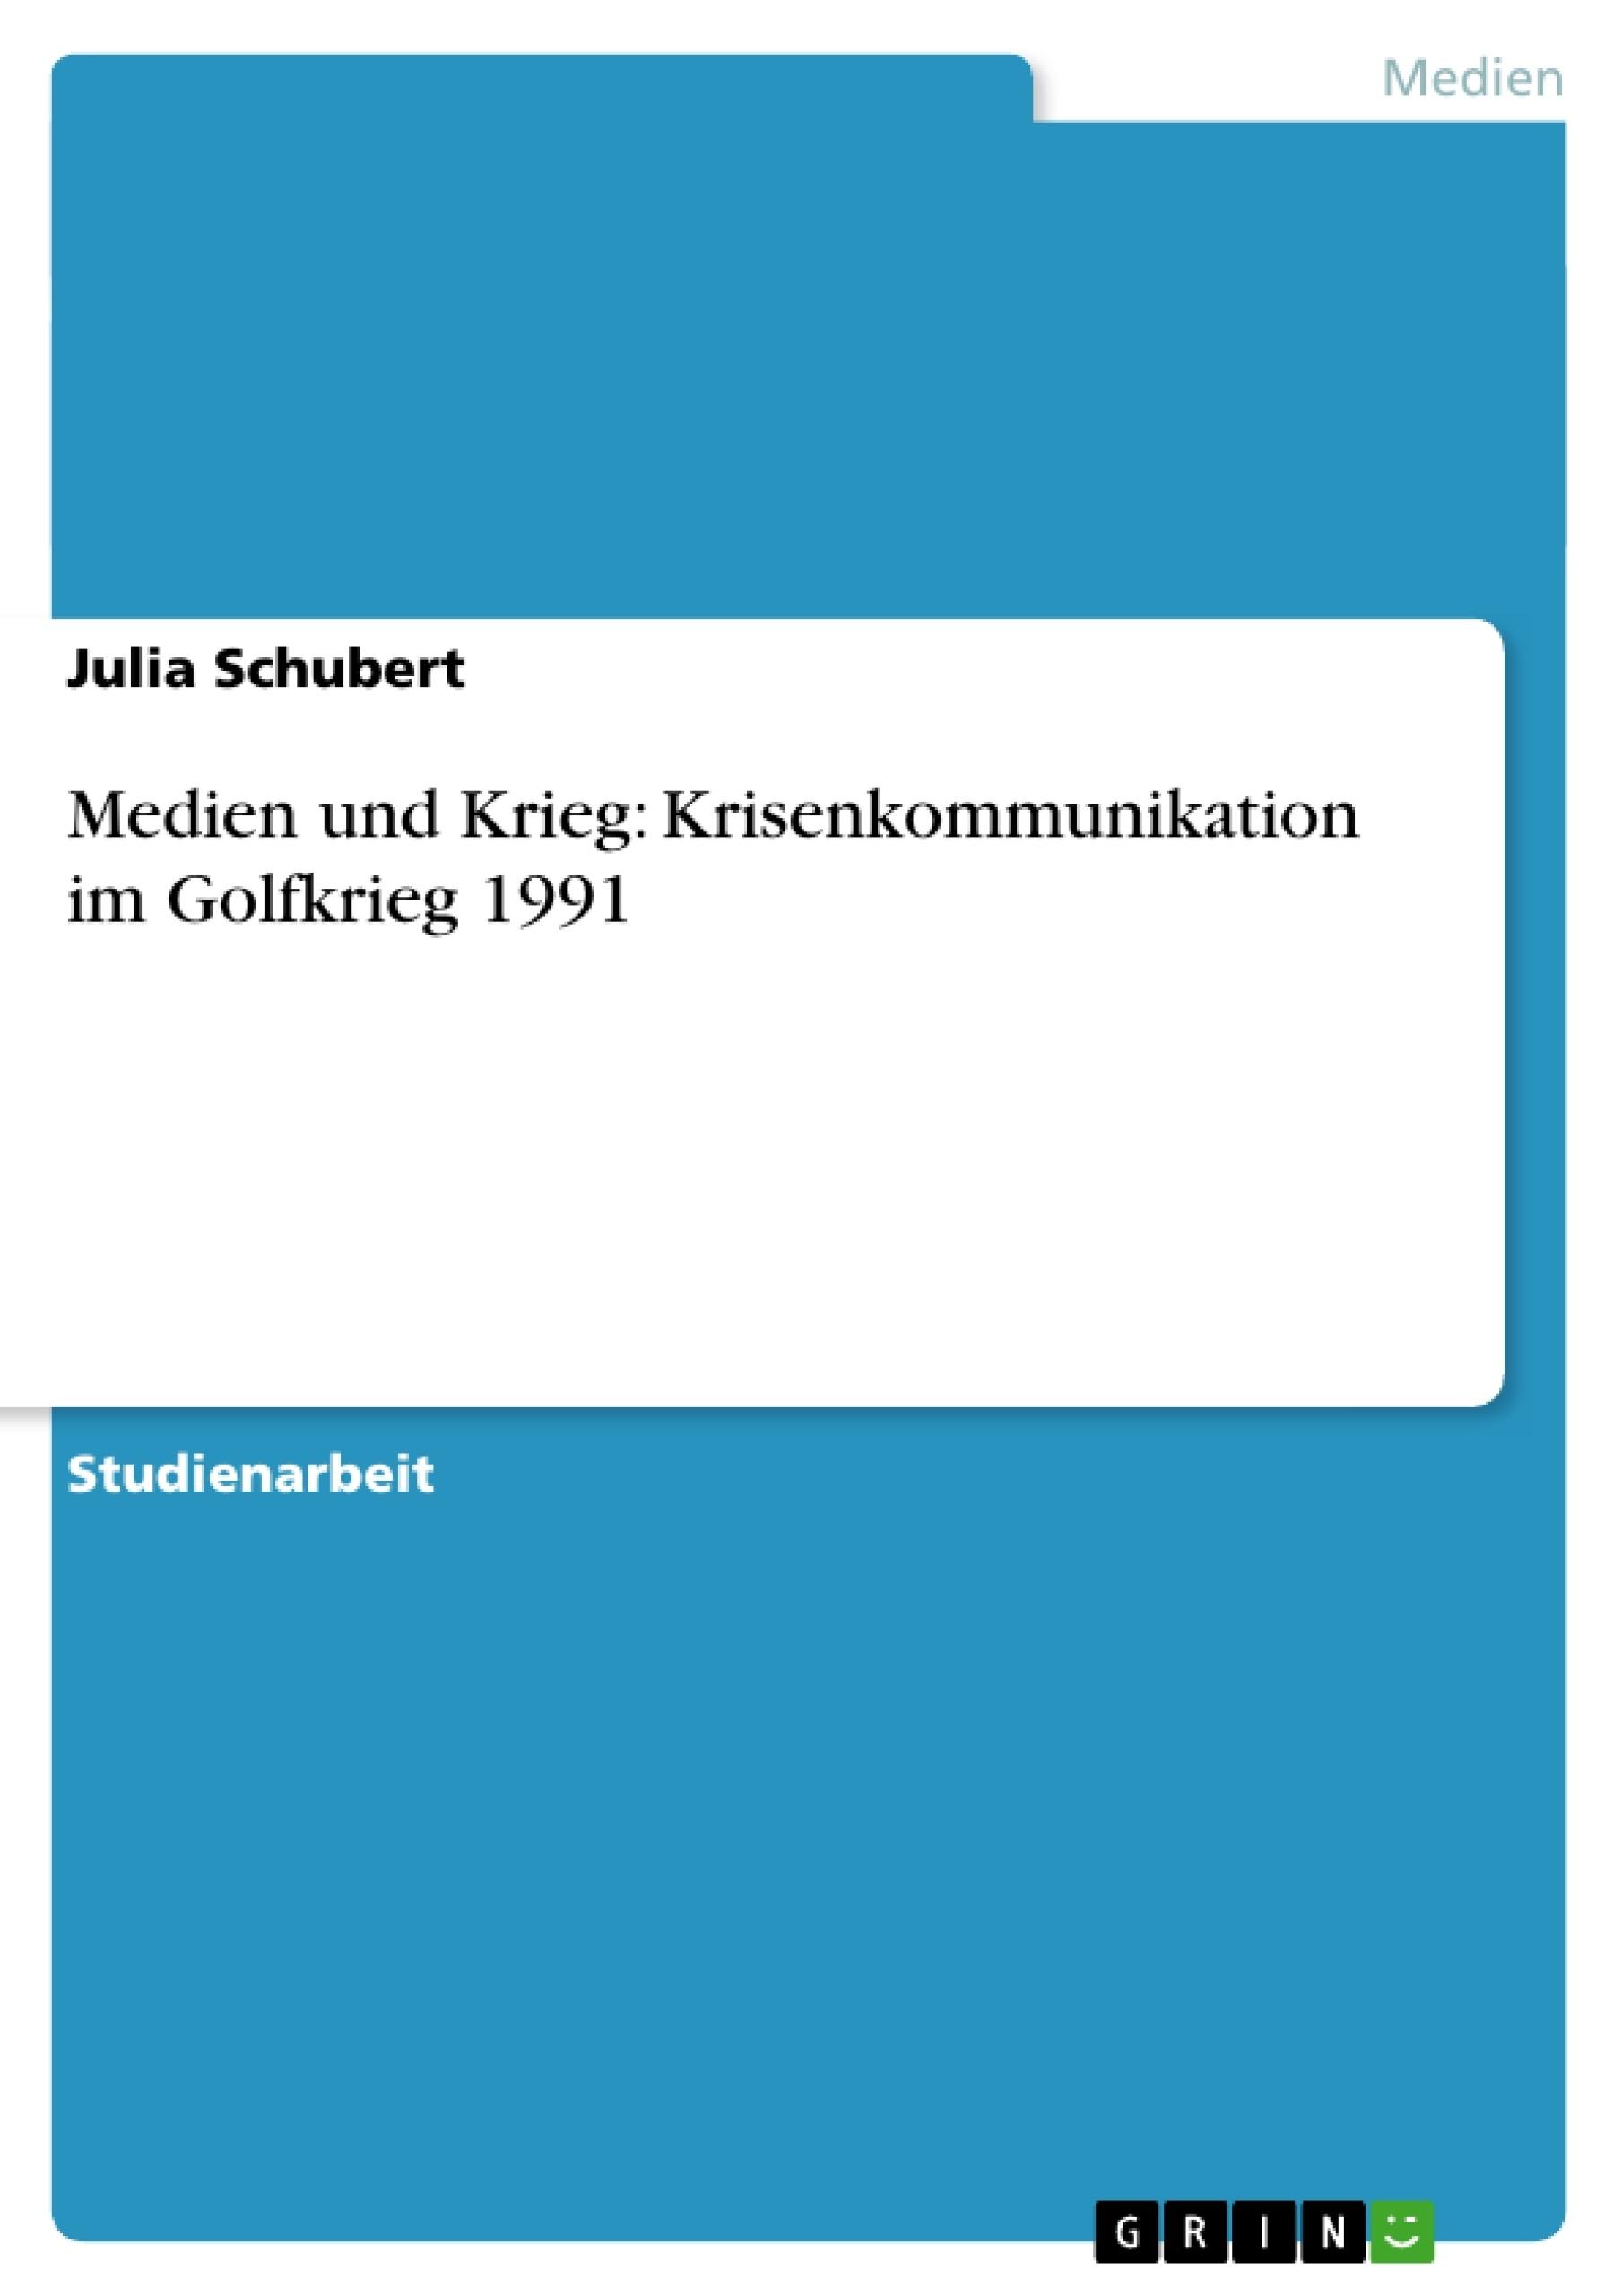 Titel: Medien und Krieg: Krisenkommunikation im Golfkrieg 1991